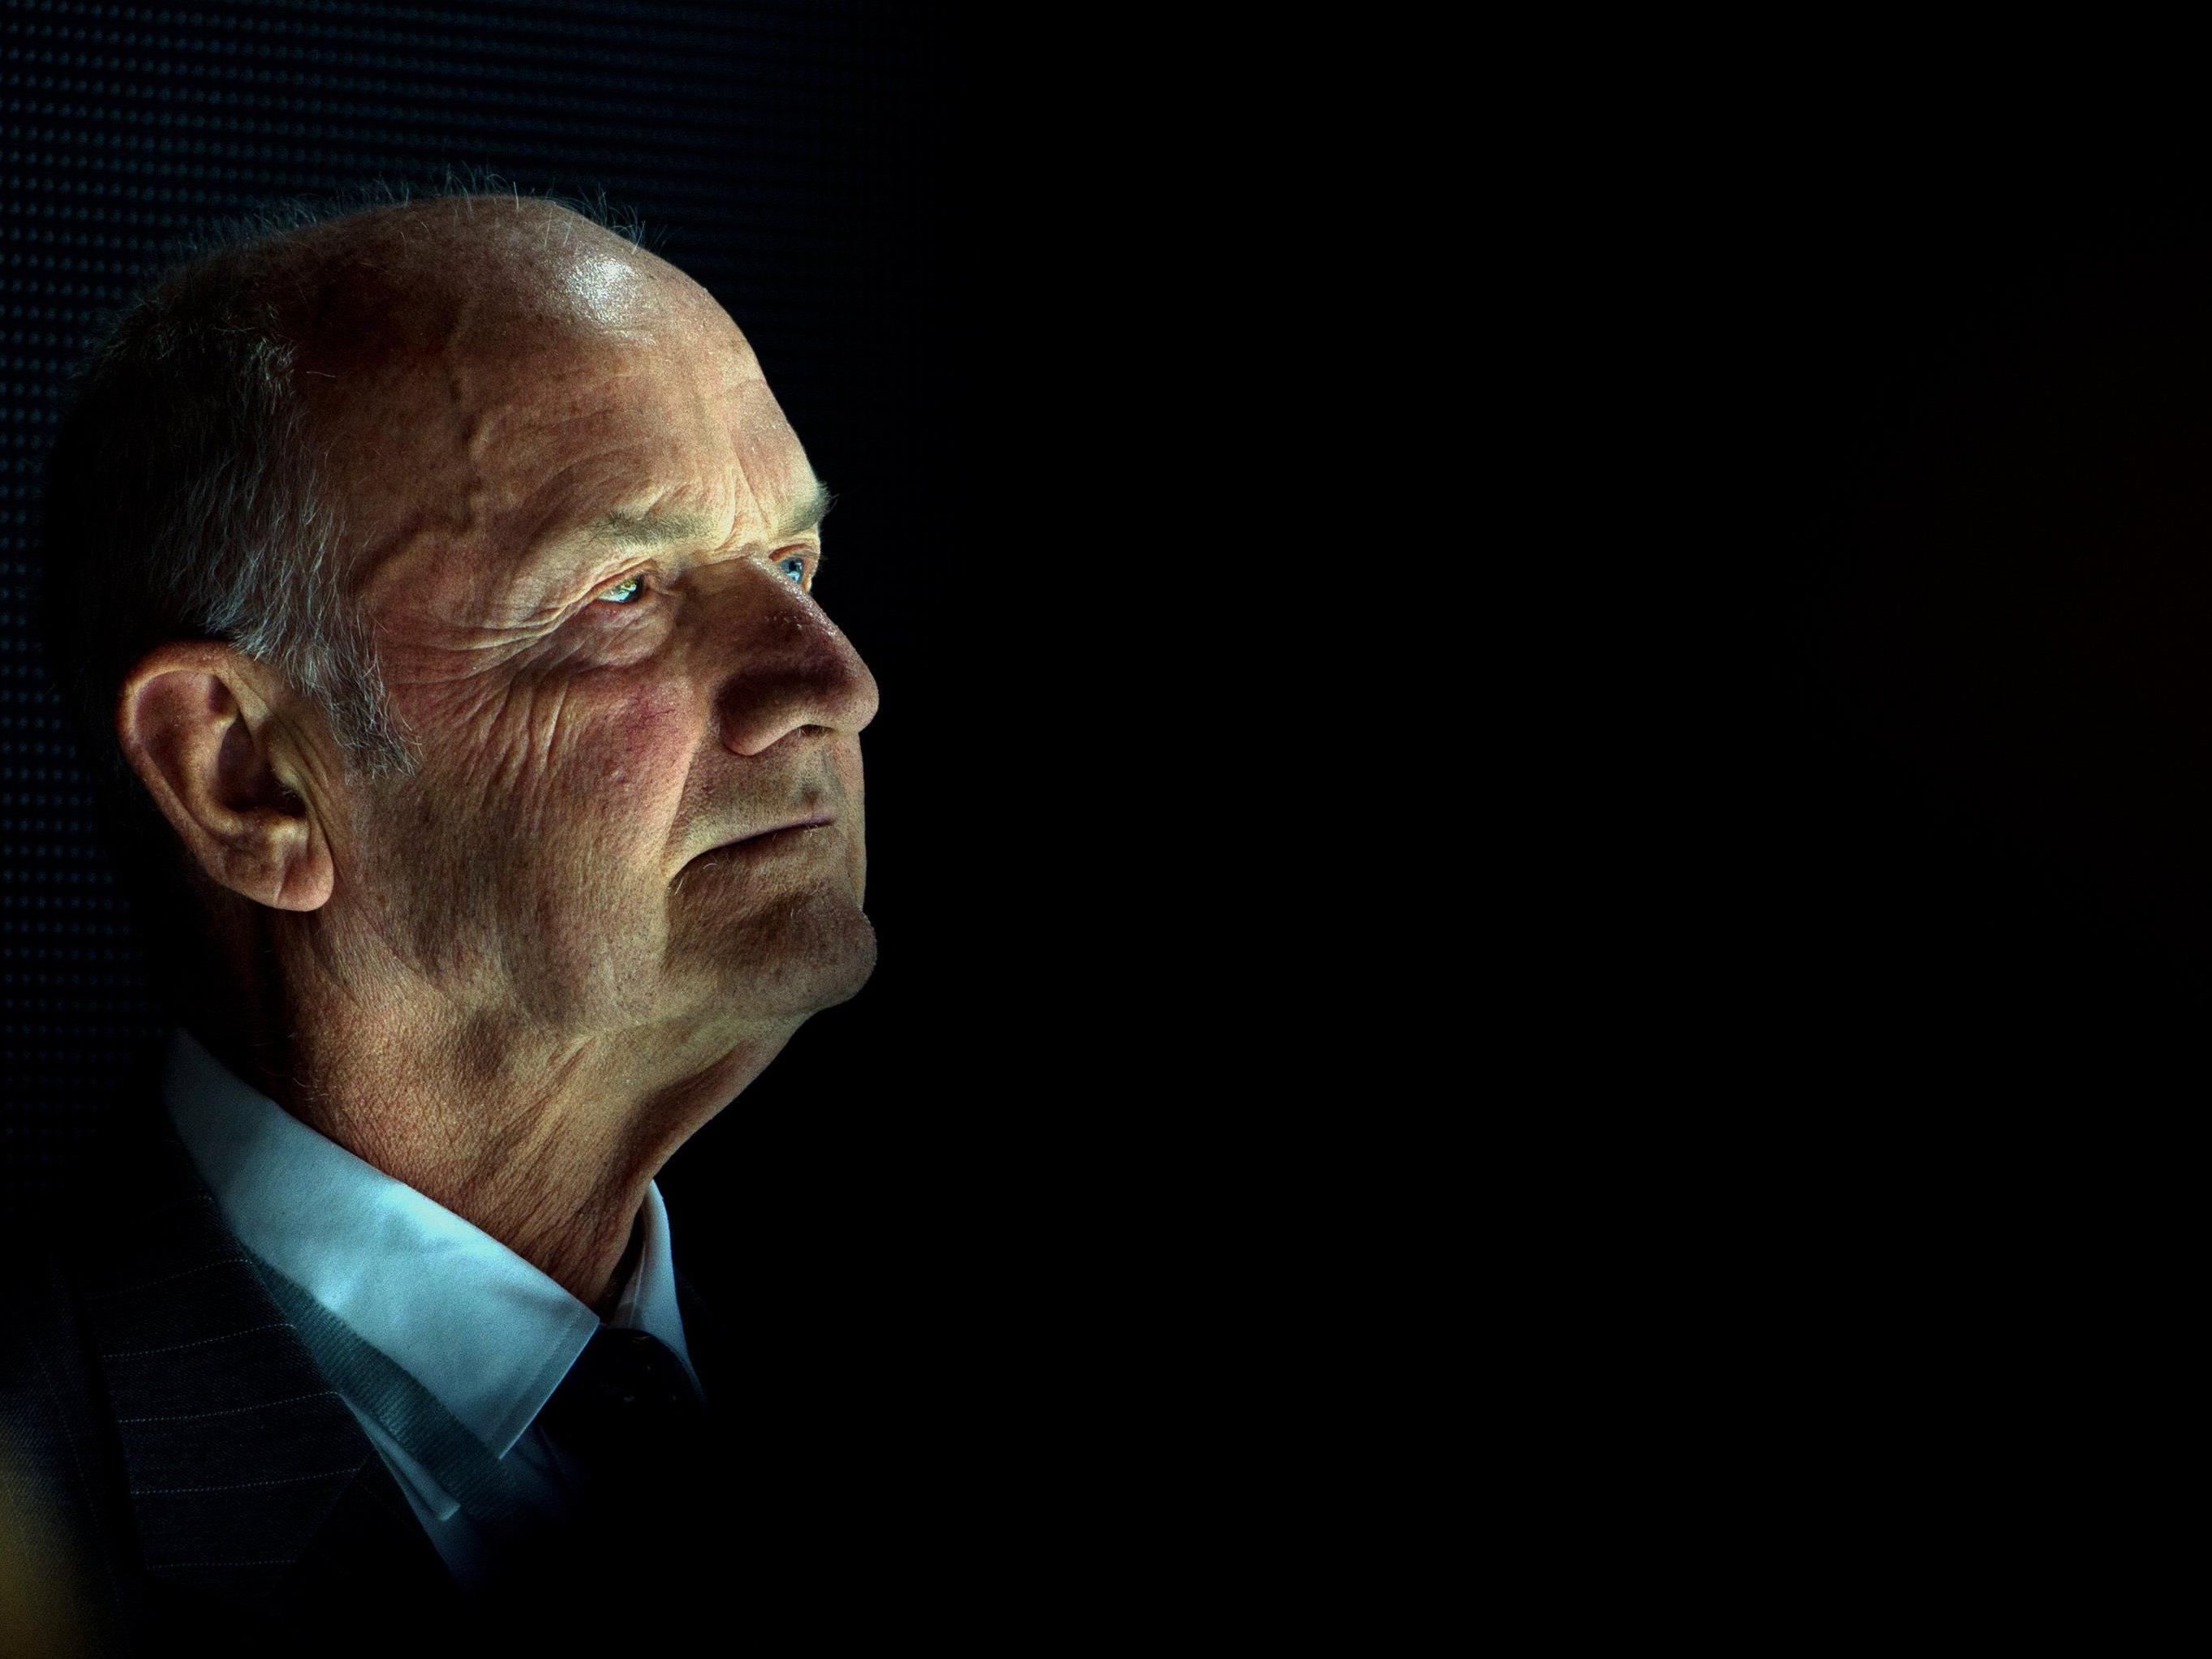 Geht er in den Ruhestand oder geht der Machtkampf erst richtig los? Piech ist schließlich nach wie vor Aktionär...